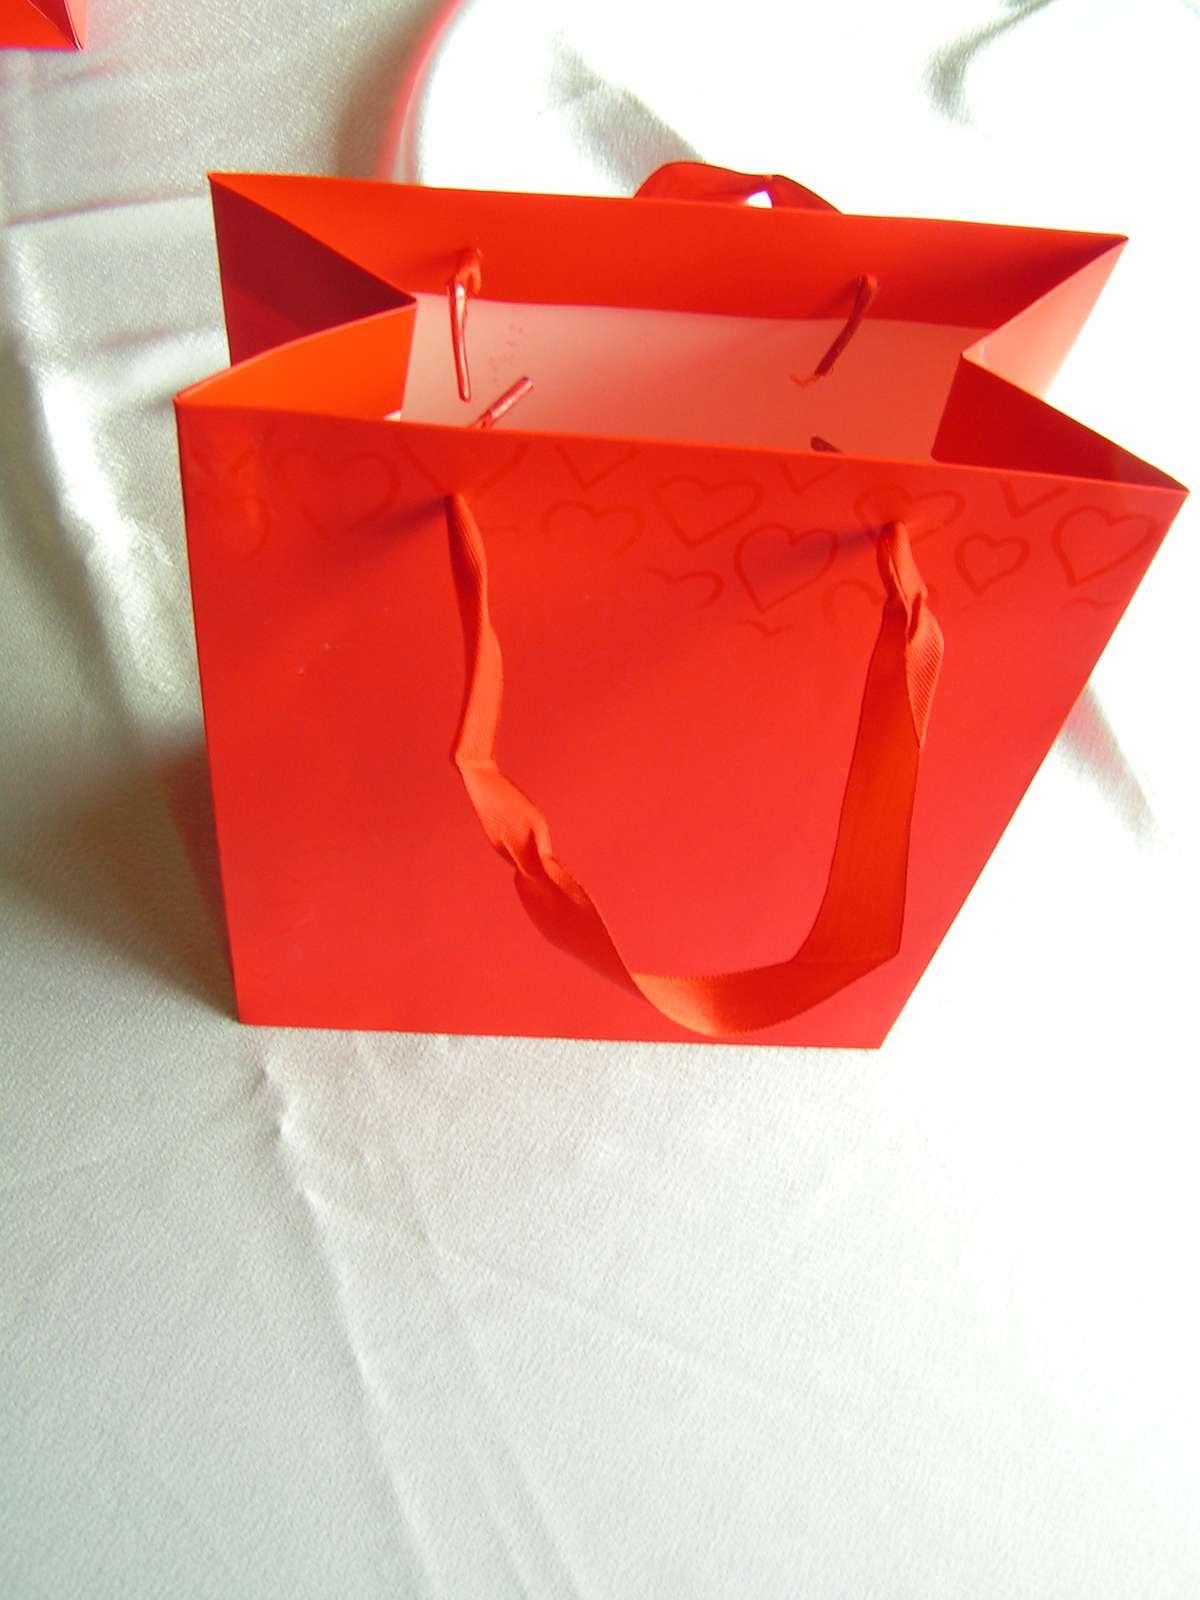 Dárková taška 18 x 23 cm - Obrázek č. 1